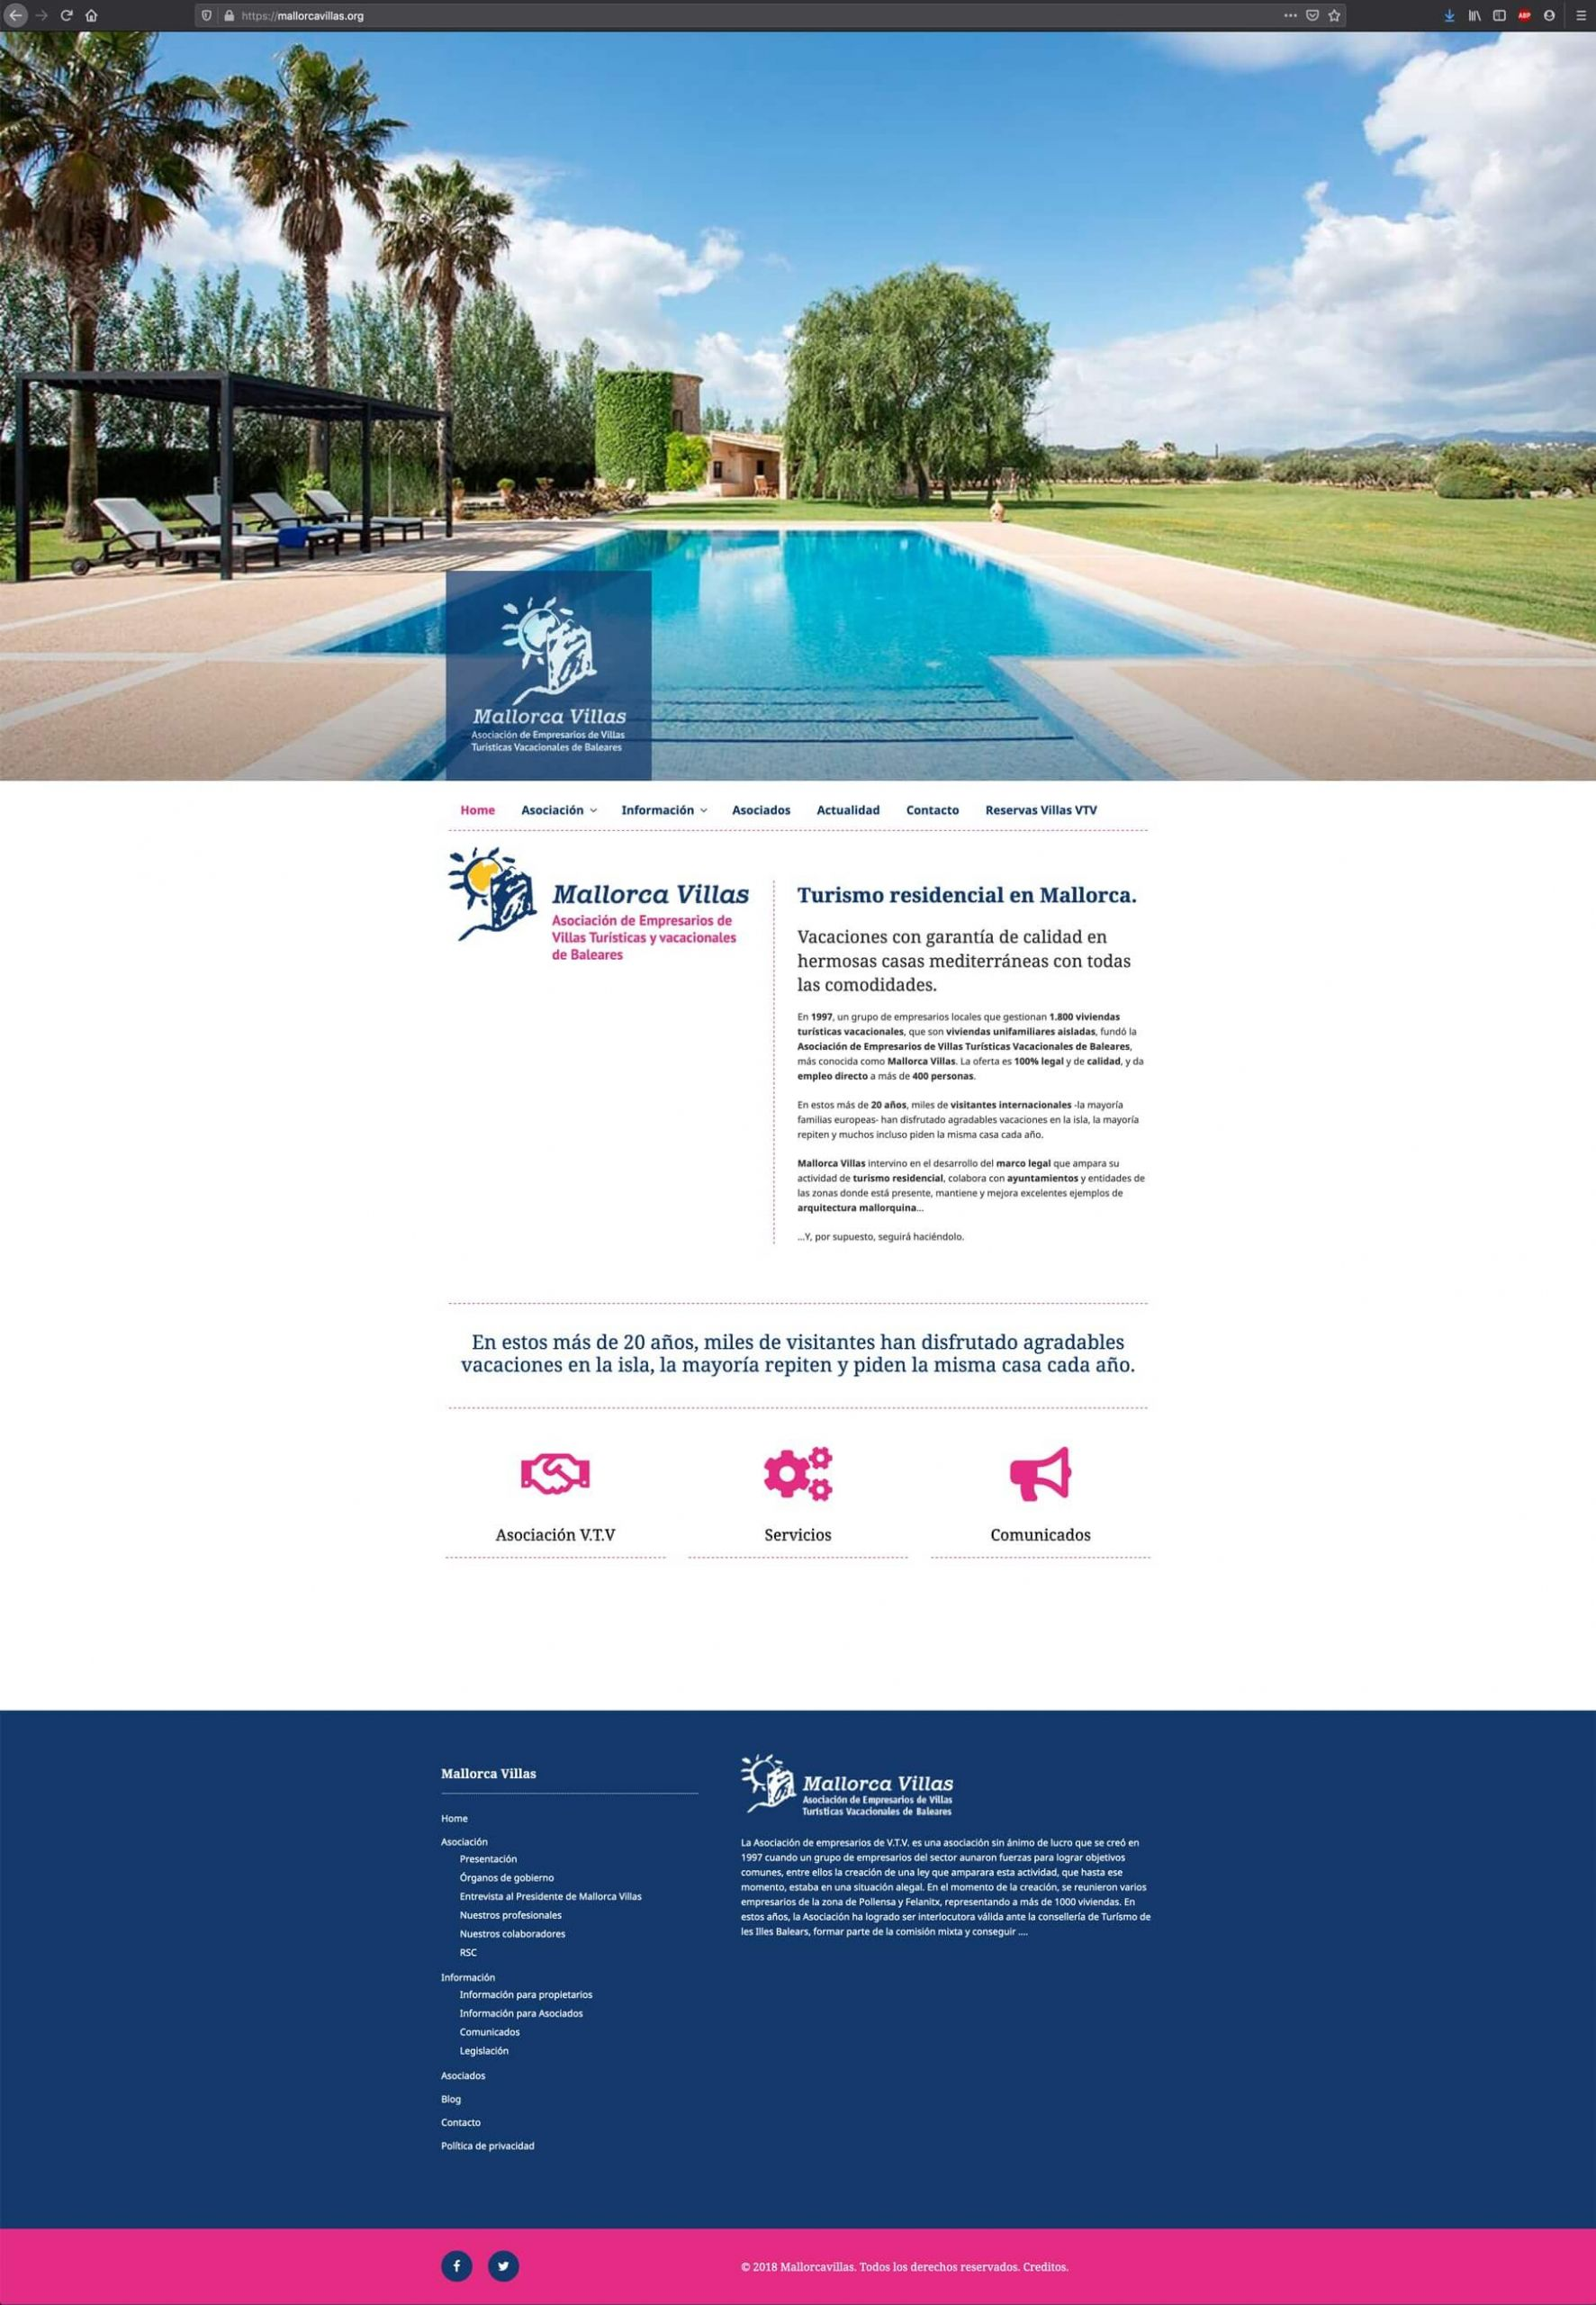 Diseño-web-mallorcavillas.org - Asociación Villas Turisticas Mallorca